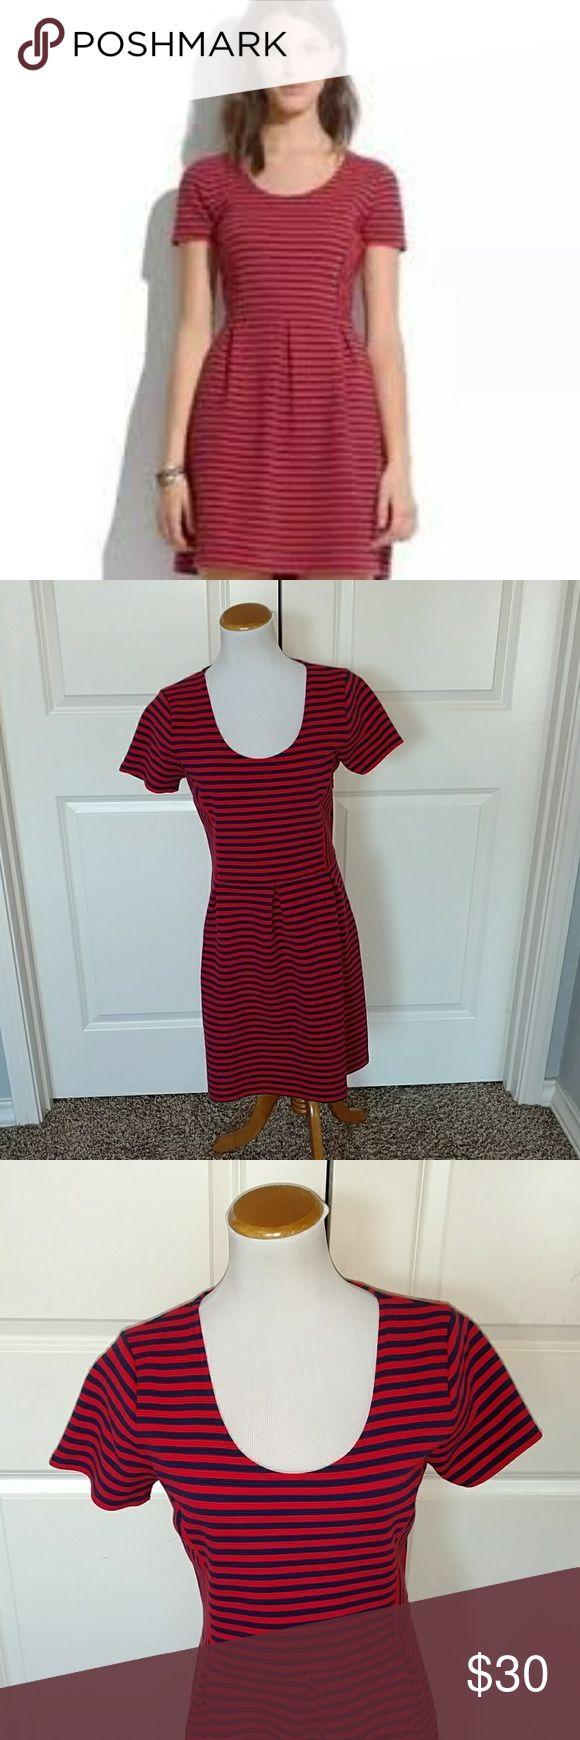 J.Crew Red and Blue Striped Dress J.Crew red and blue striped dress. In excellent condition. Size 10. J. Crew Dresses Midi